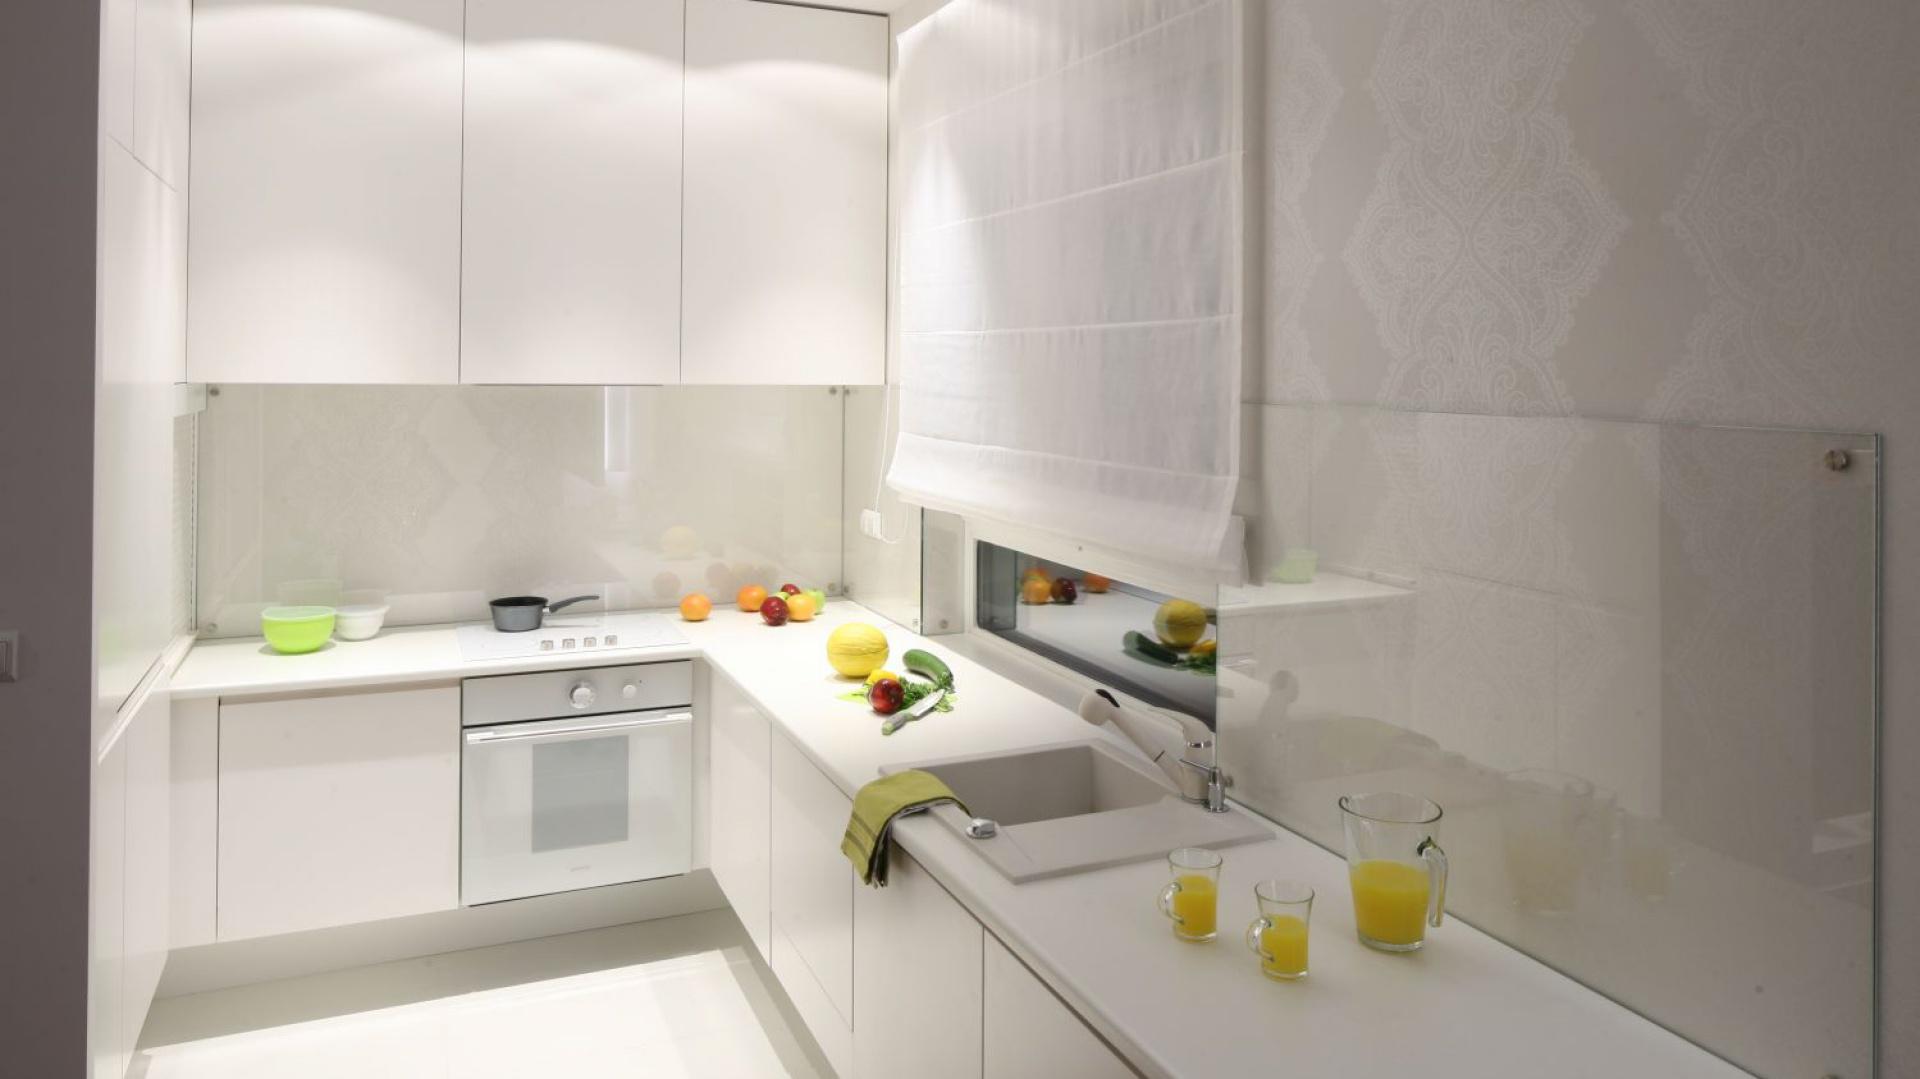 Mała Kuchnia W Bloku 12 Pomysłów Na Udaną Aranżację